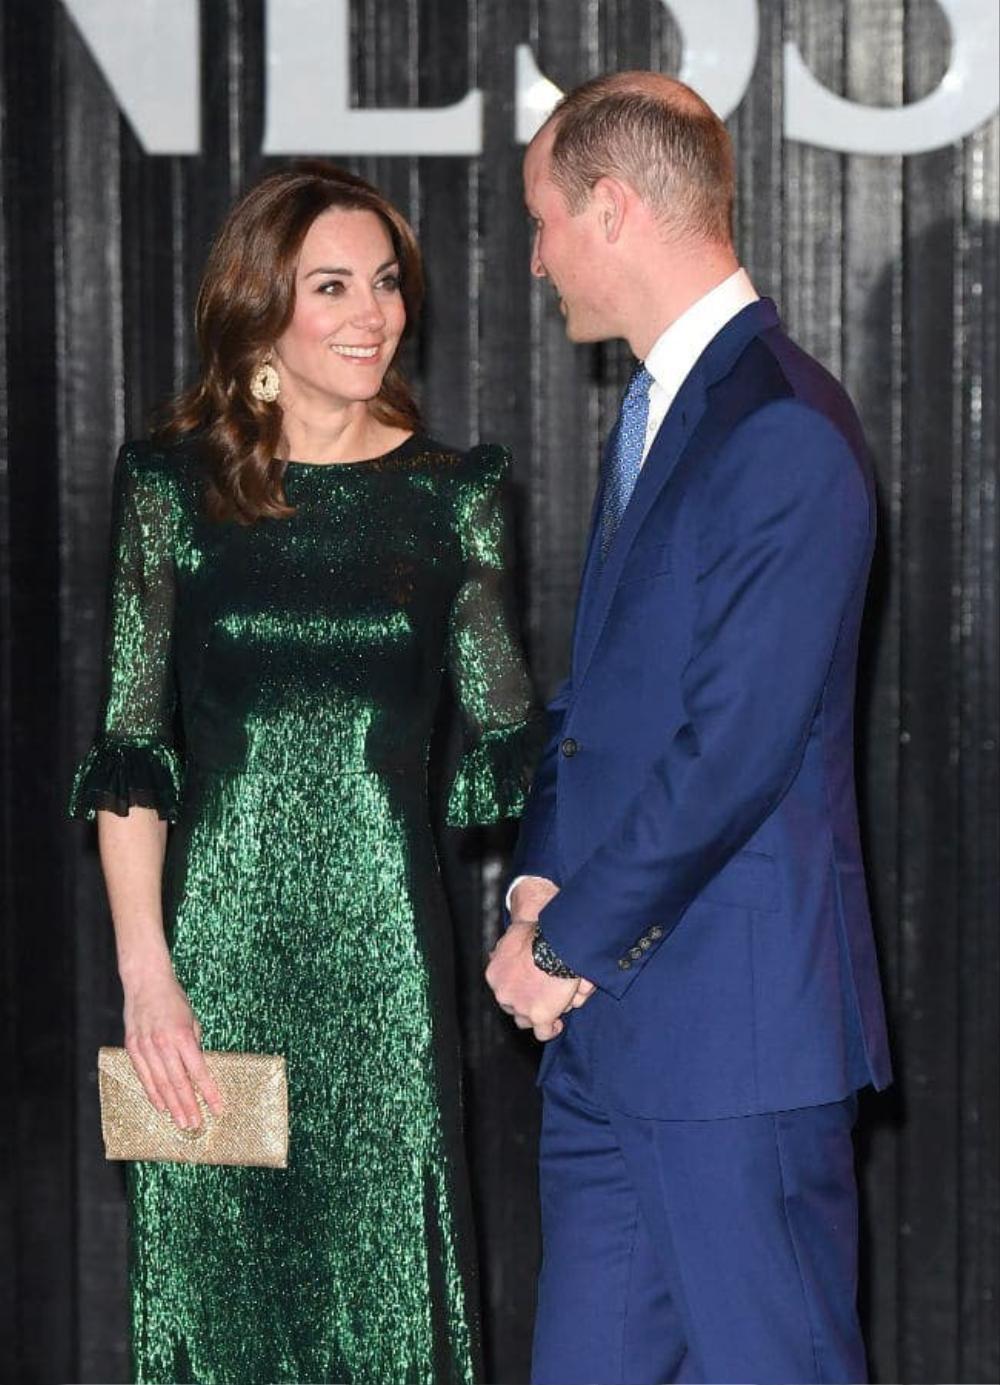 Bí ẩn tủ đồ Hoàng gia: Tại sao Kate Middleton thích mặc màu xanh lá cây? Ảnh 10